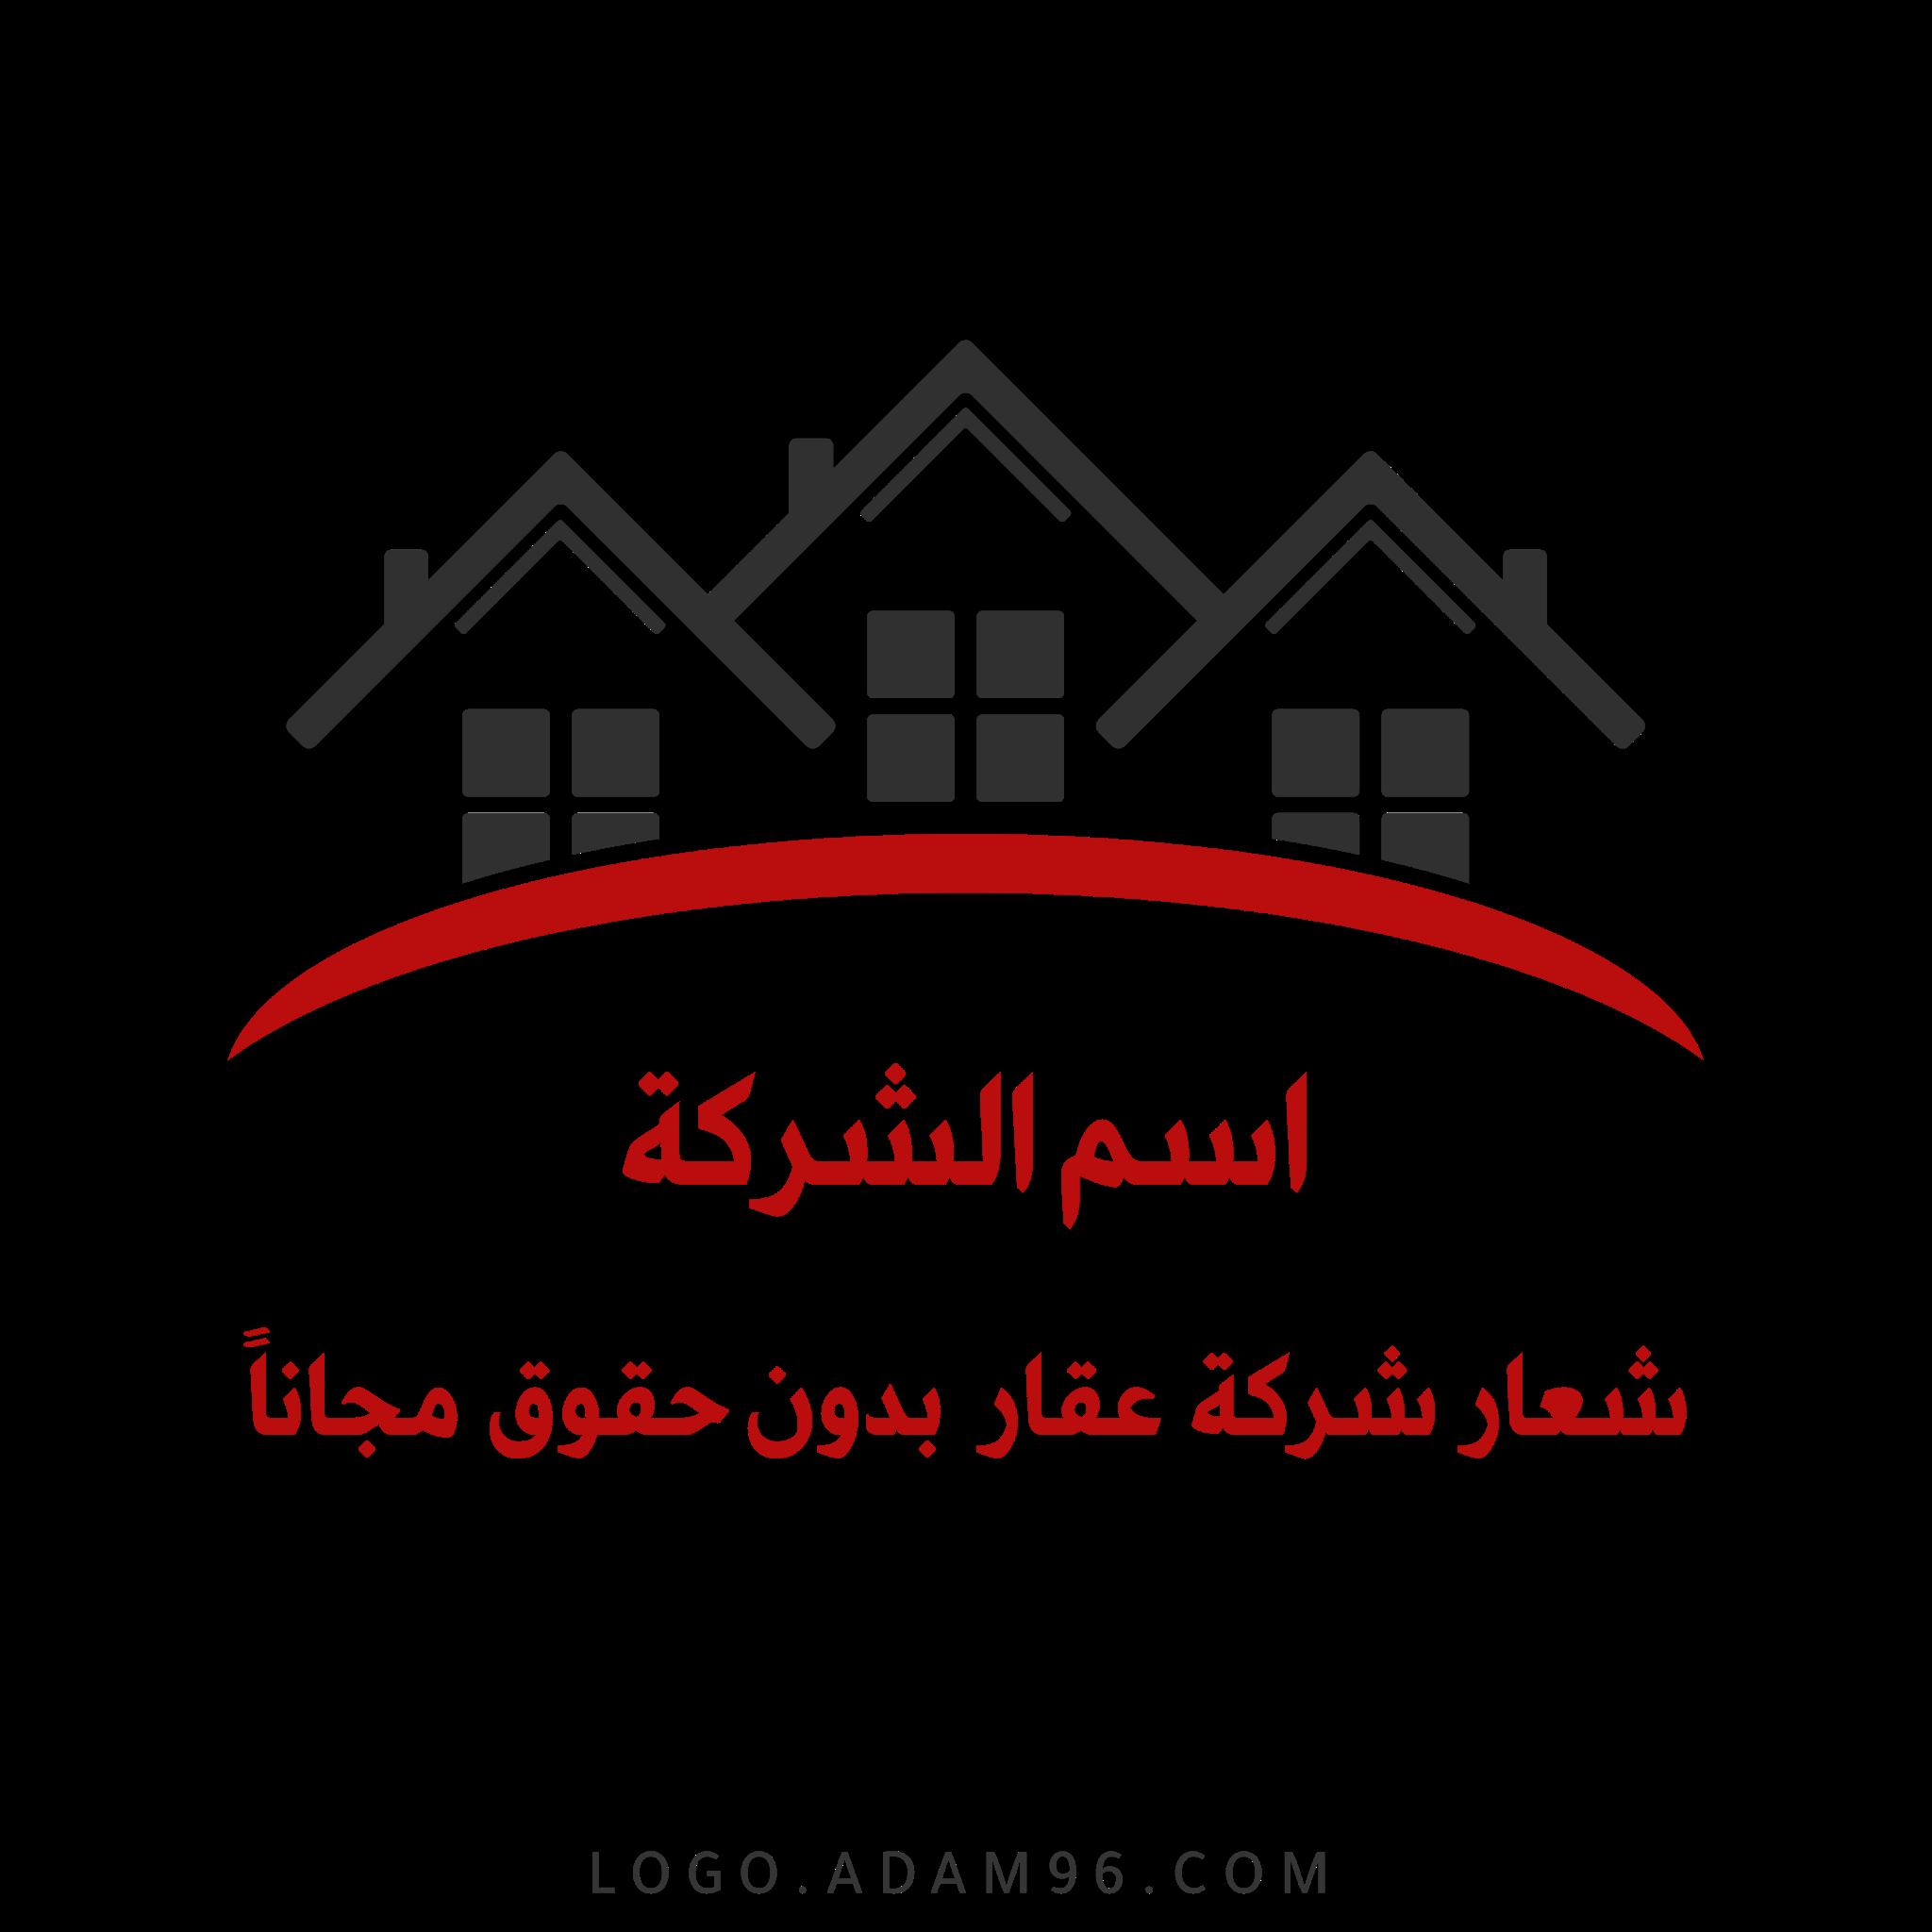 تحميل شعار شركة عقار بدون حقوق مجاناً بصيغة PSD لوجو شركات